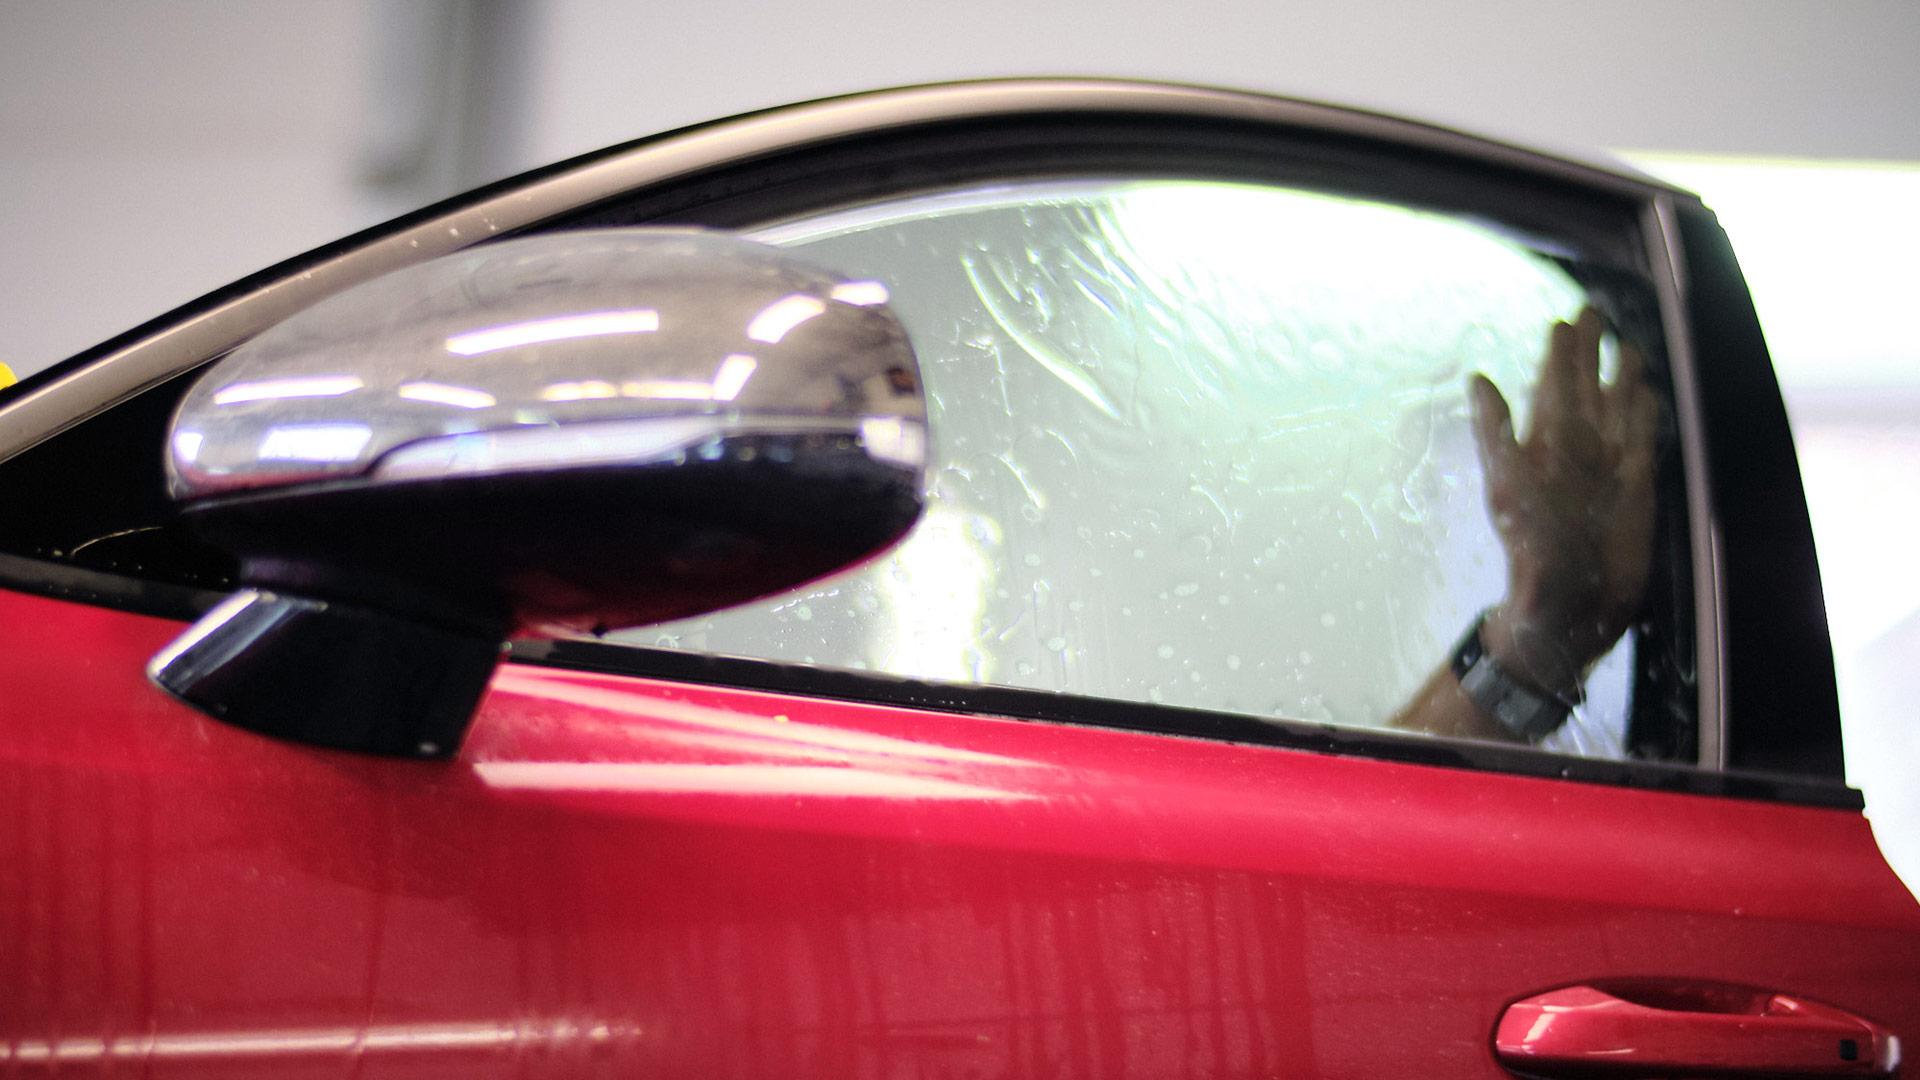 oklejenie auta ochronną folią PPF, a pozostałą część lakieru - powłoką ceramiczną 4nano